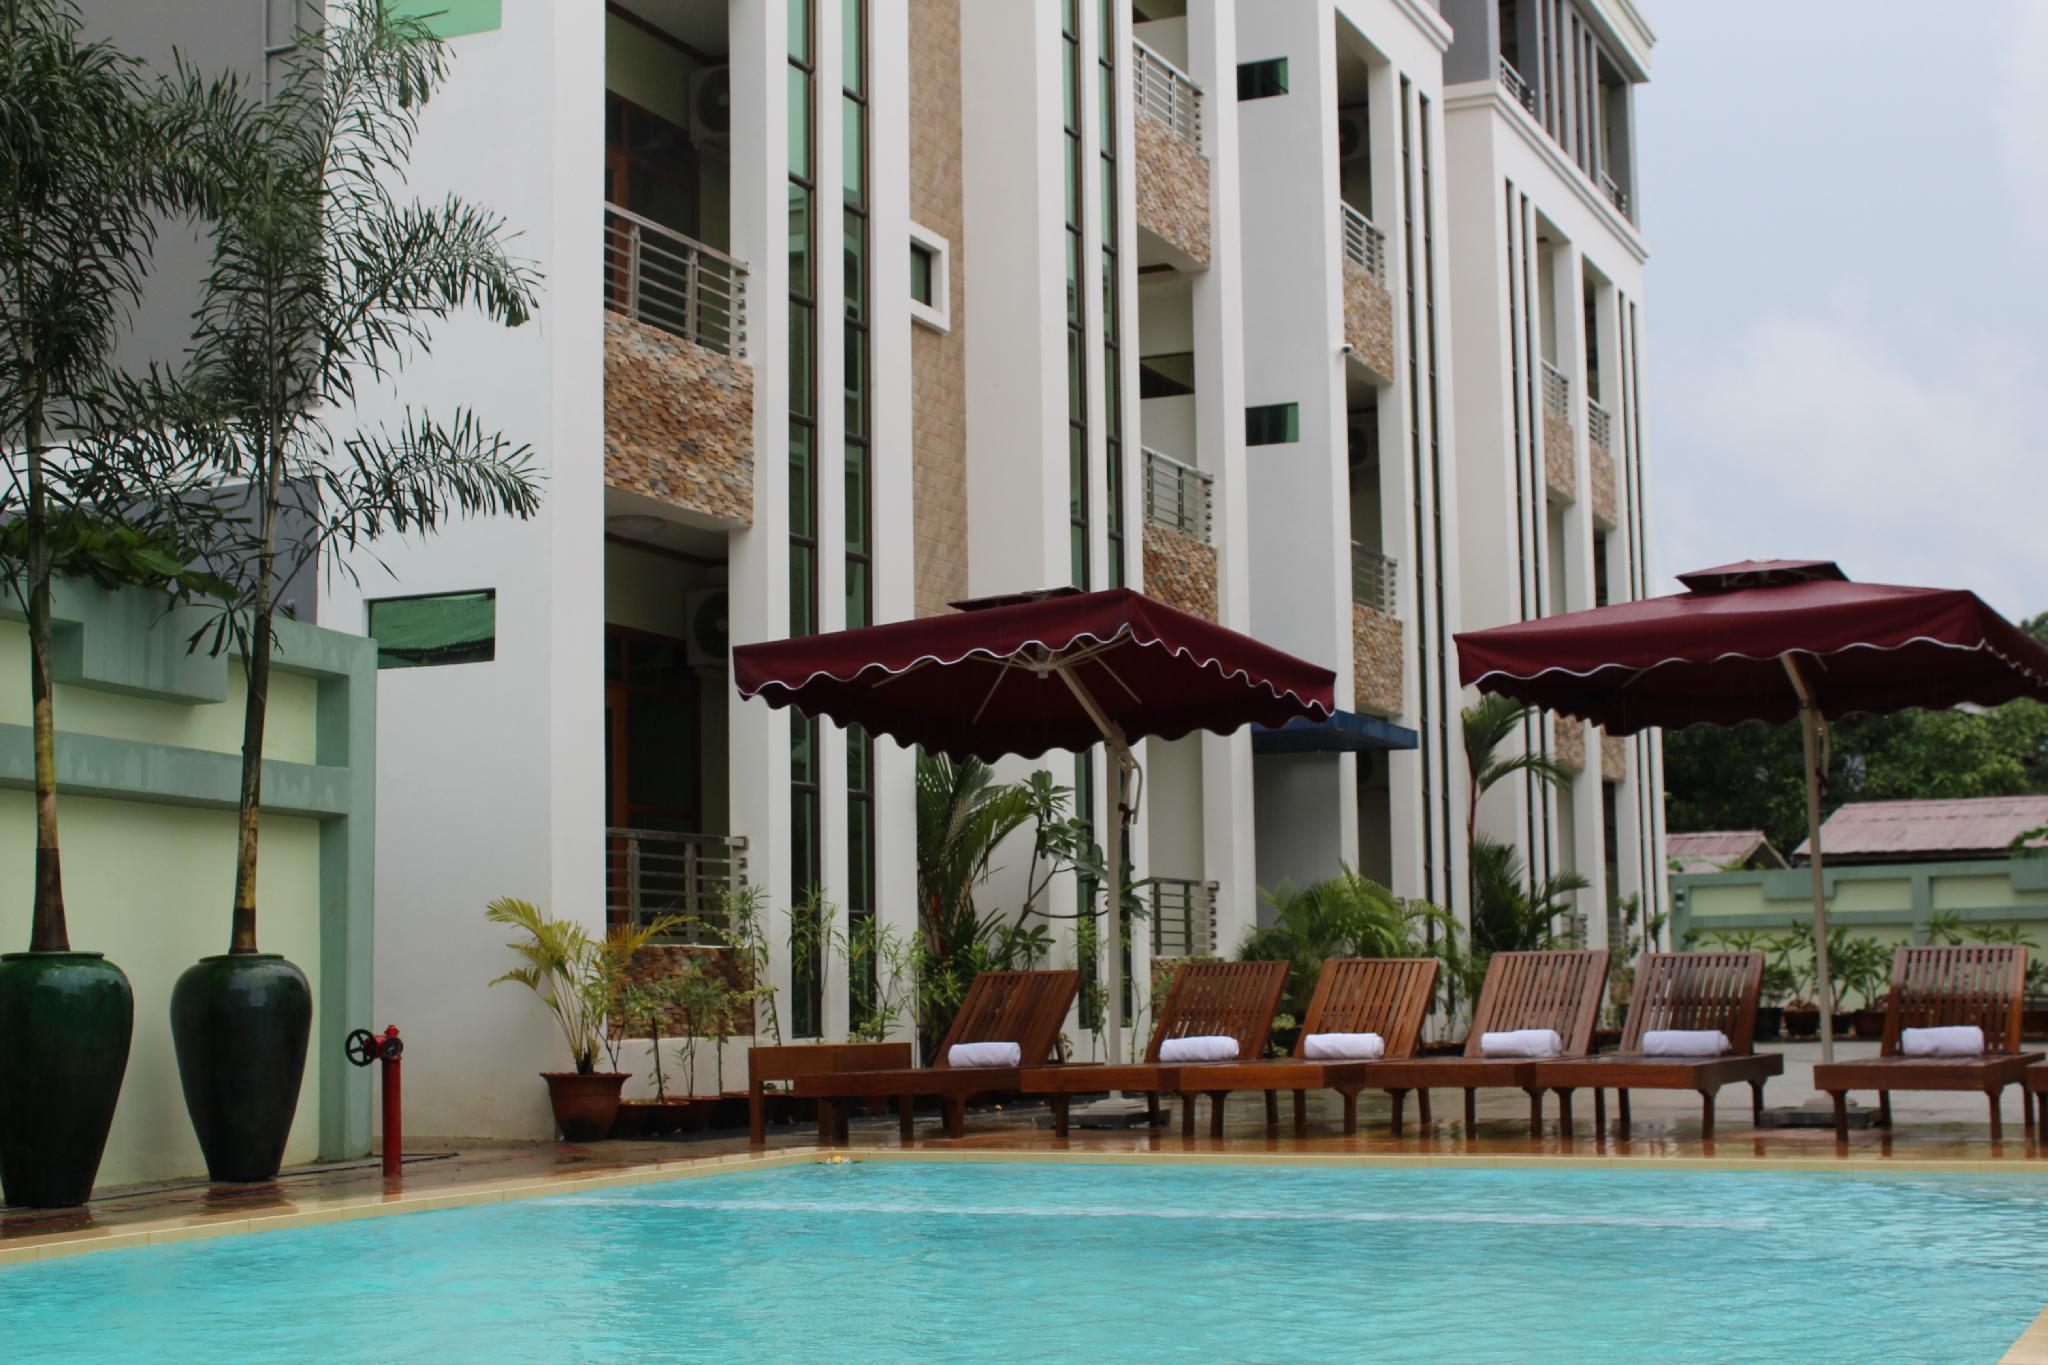 Royal Golden 9 Mile Hotel Online Booking